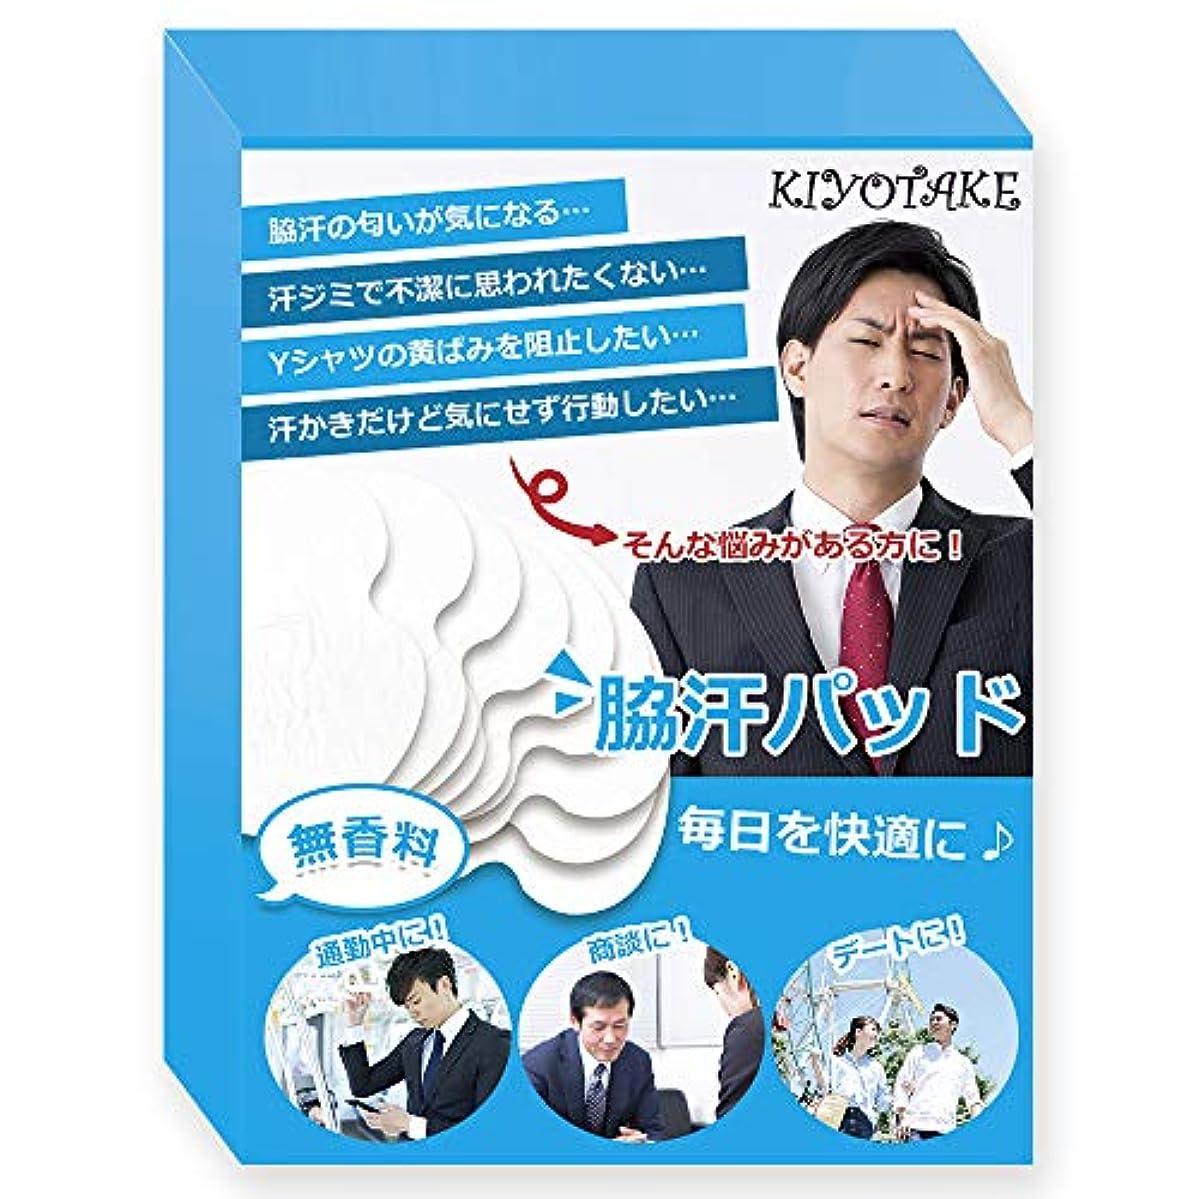 法律によりファンブル特許【kiyotake】 メンズ 脇汗パッド 汗取り 汗じみ 防止 防臭 男性用 40枚入り